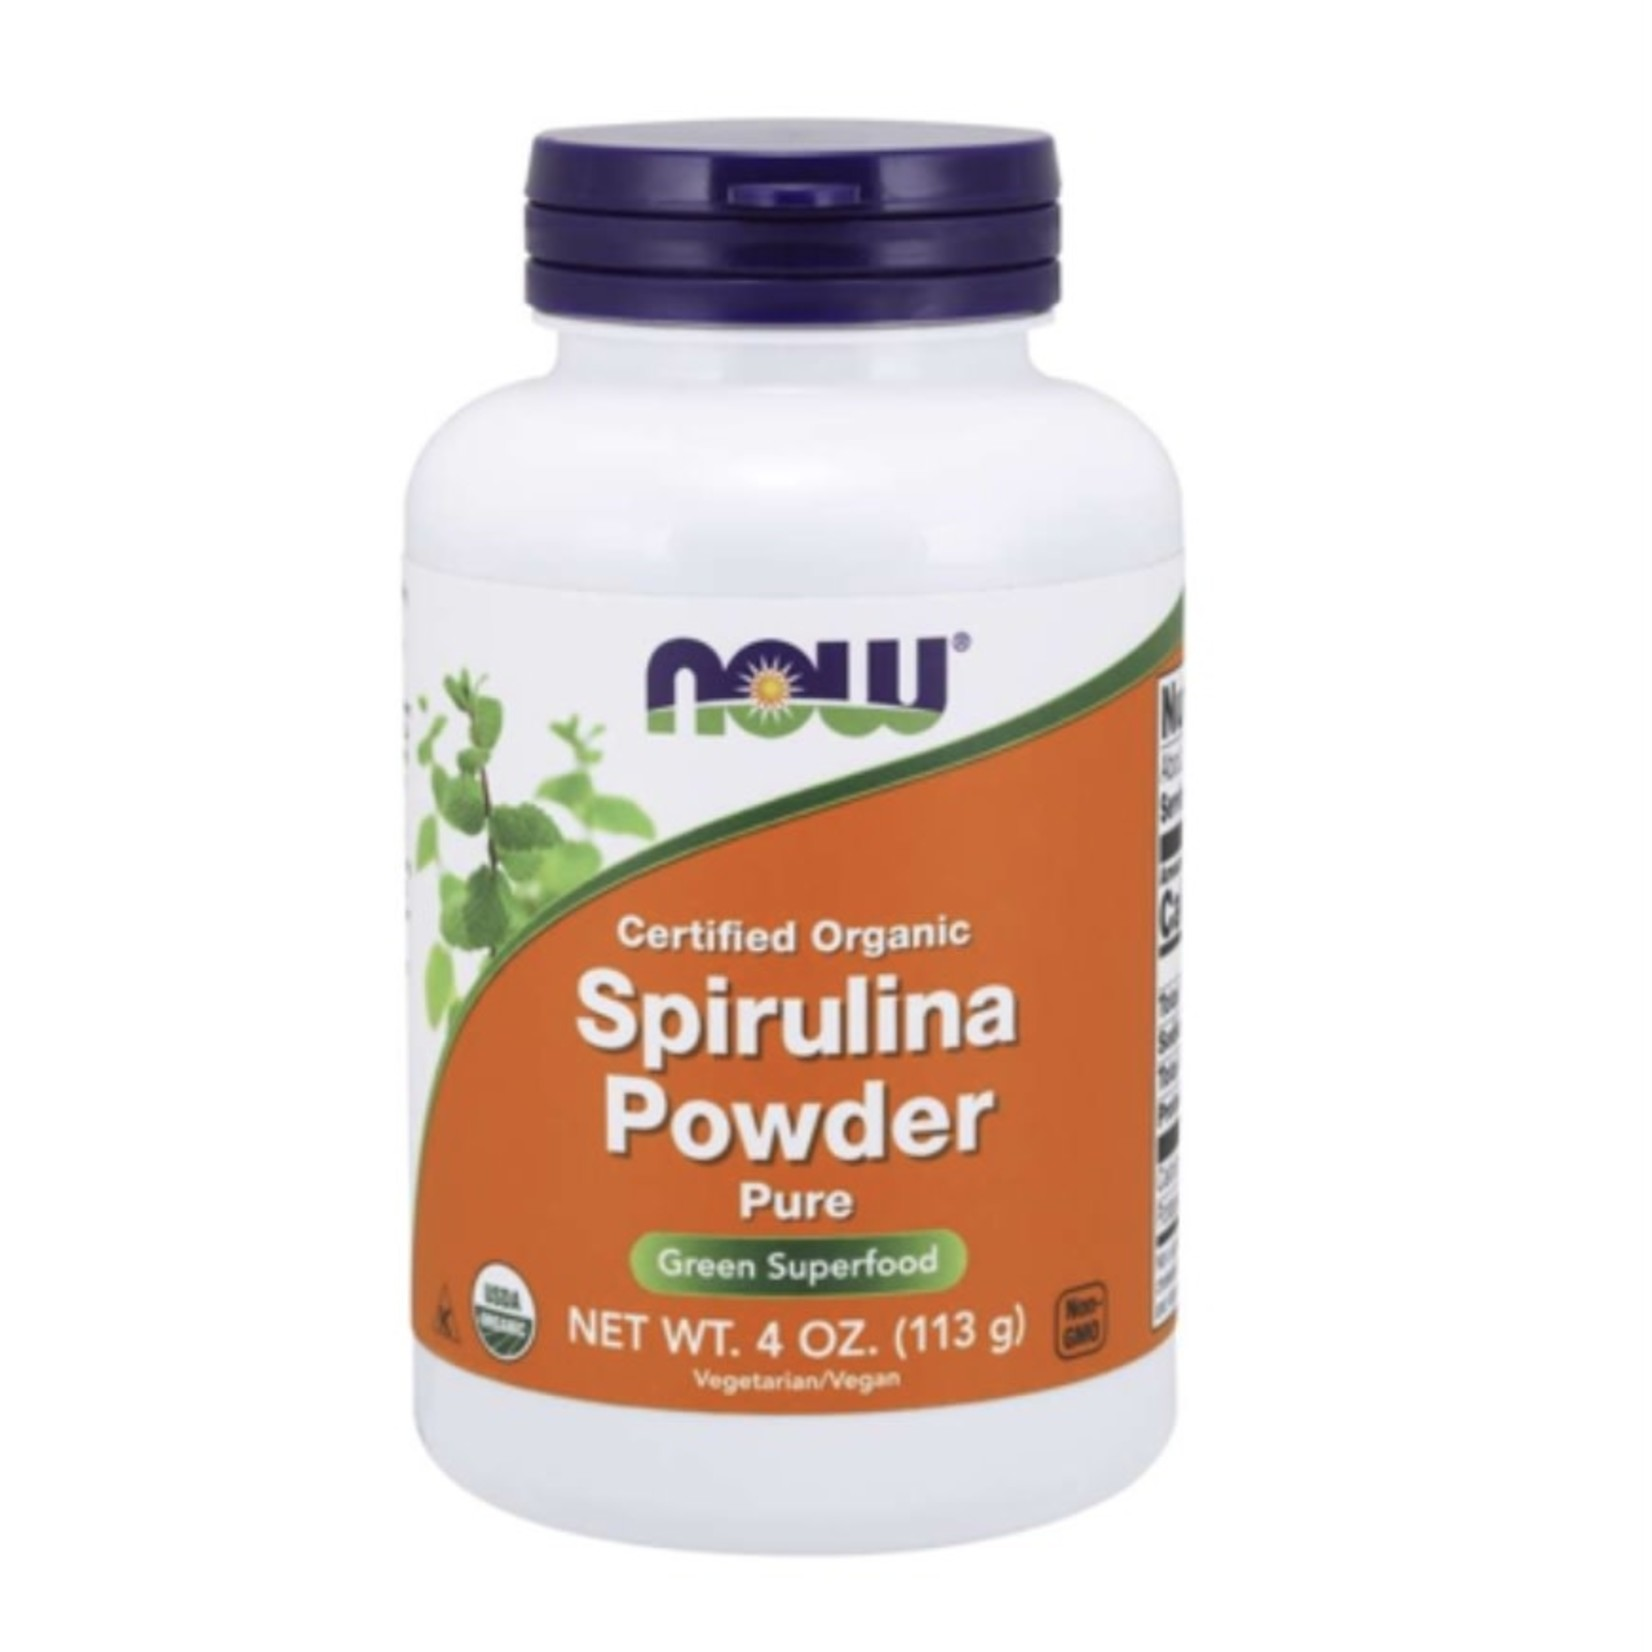 Now Now Spriulina 113g powder